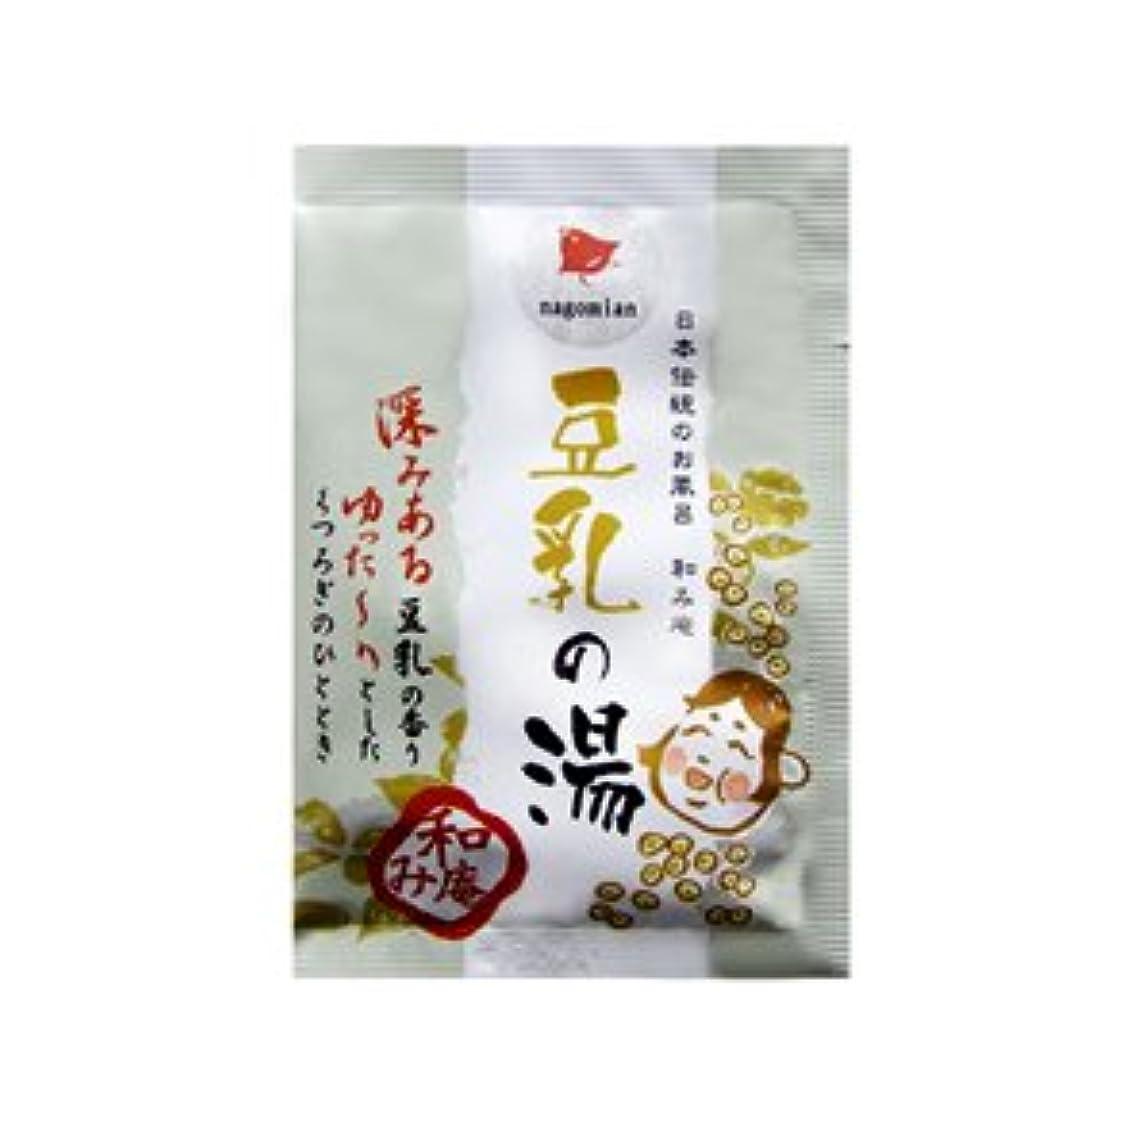 ほめるマンモス金曜日日本伝統のお風呂 和み庵 豆乳の湯 25g 5個セット